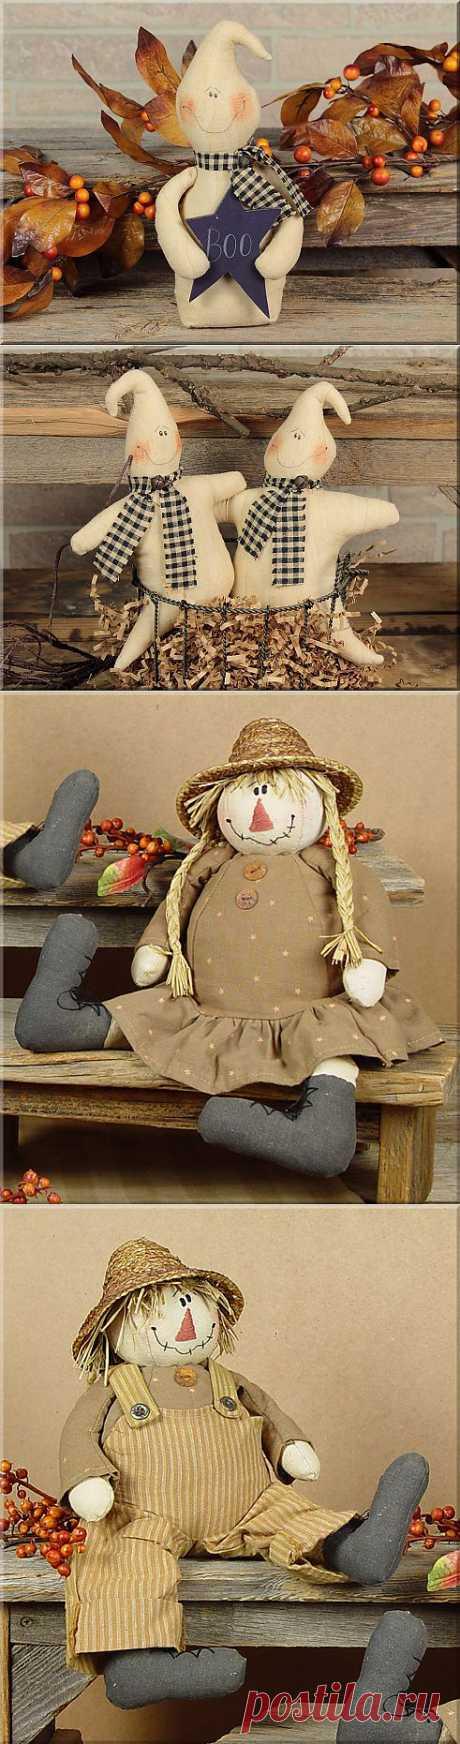 Примитивный домашний декор и подарки (куклы). Дизайнер Lisa Liffick.